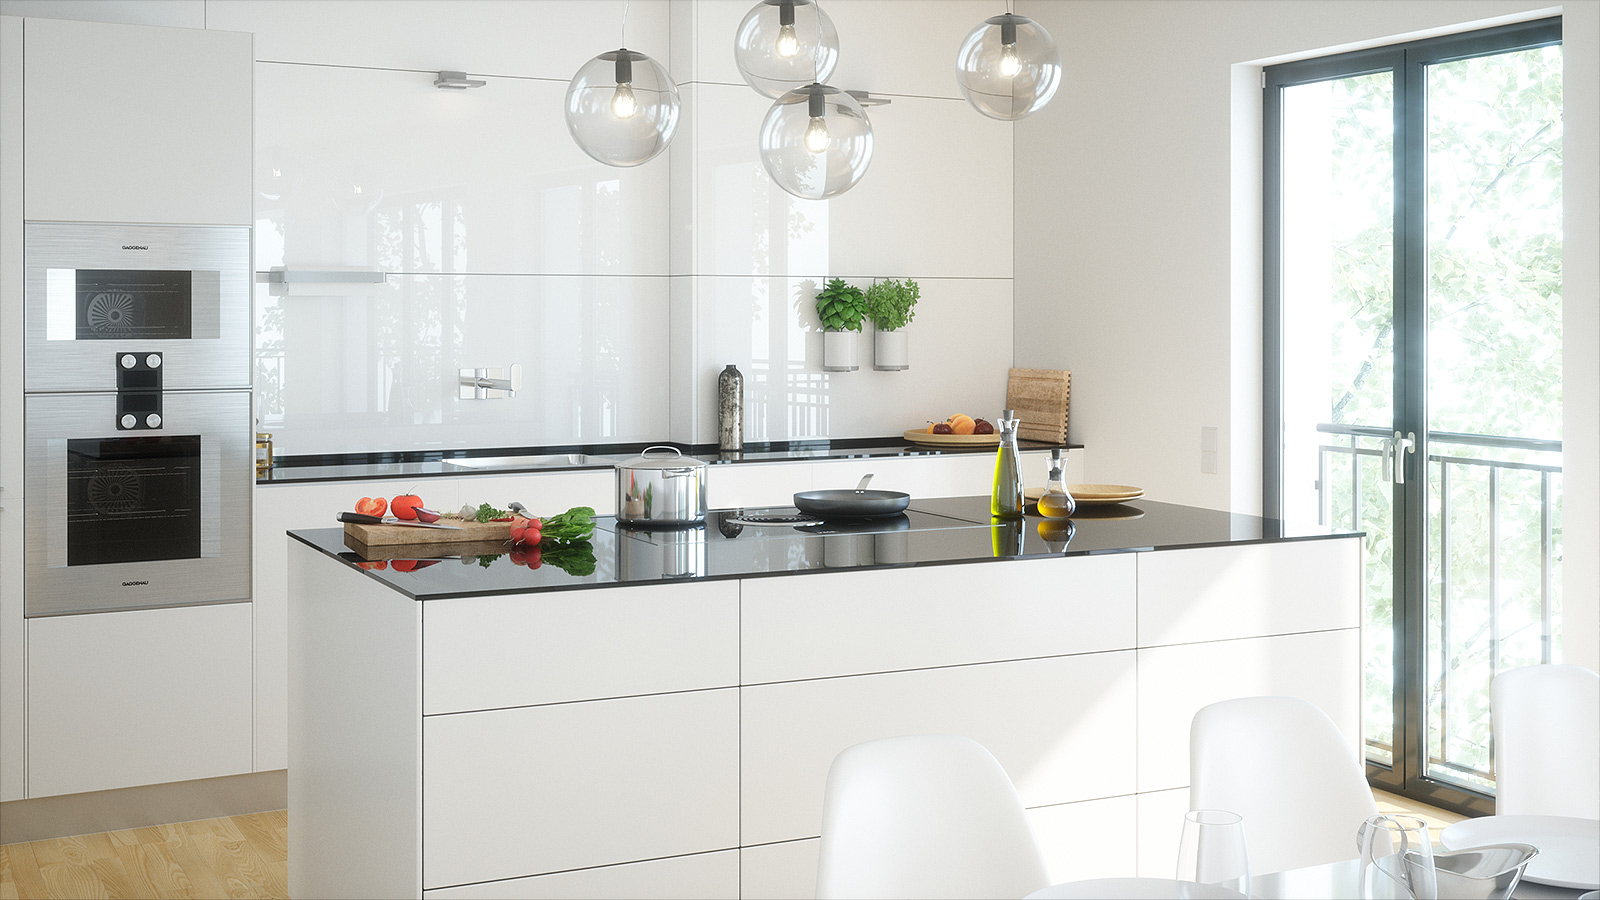 Innenvisualisierung Küche